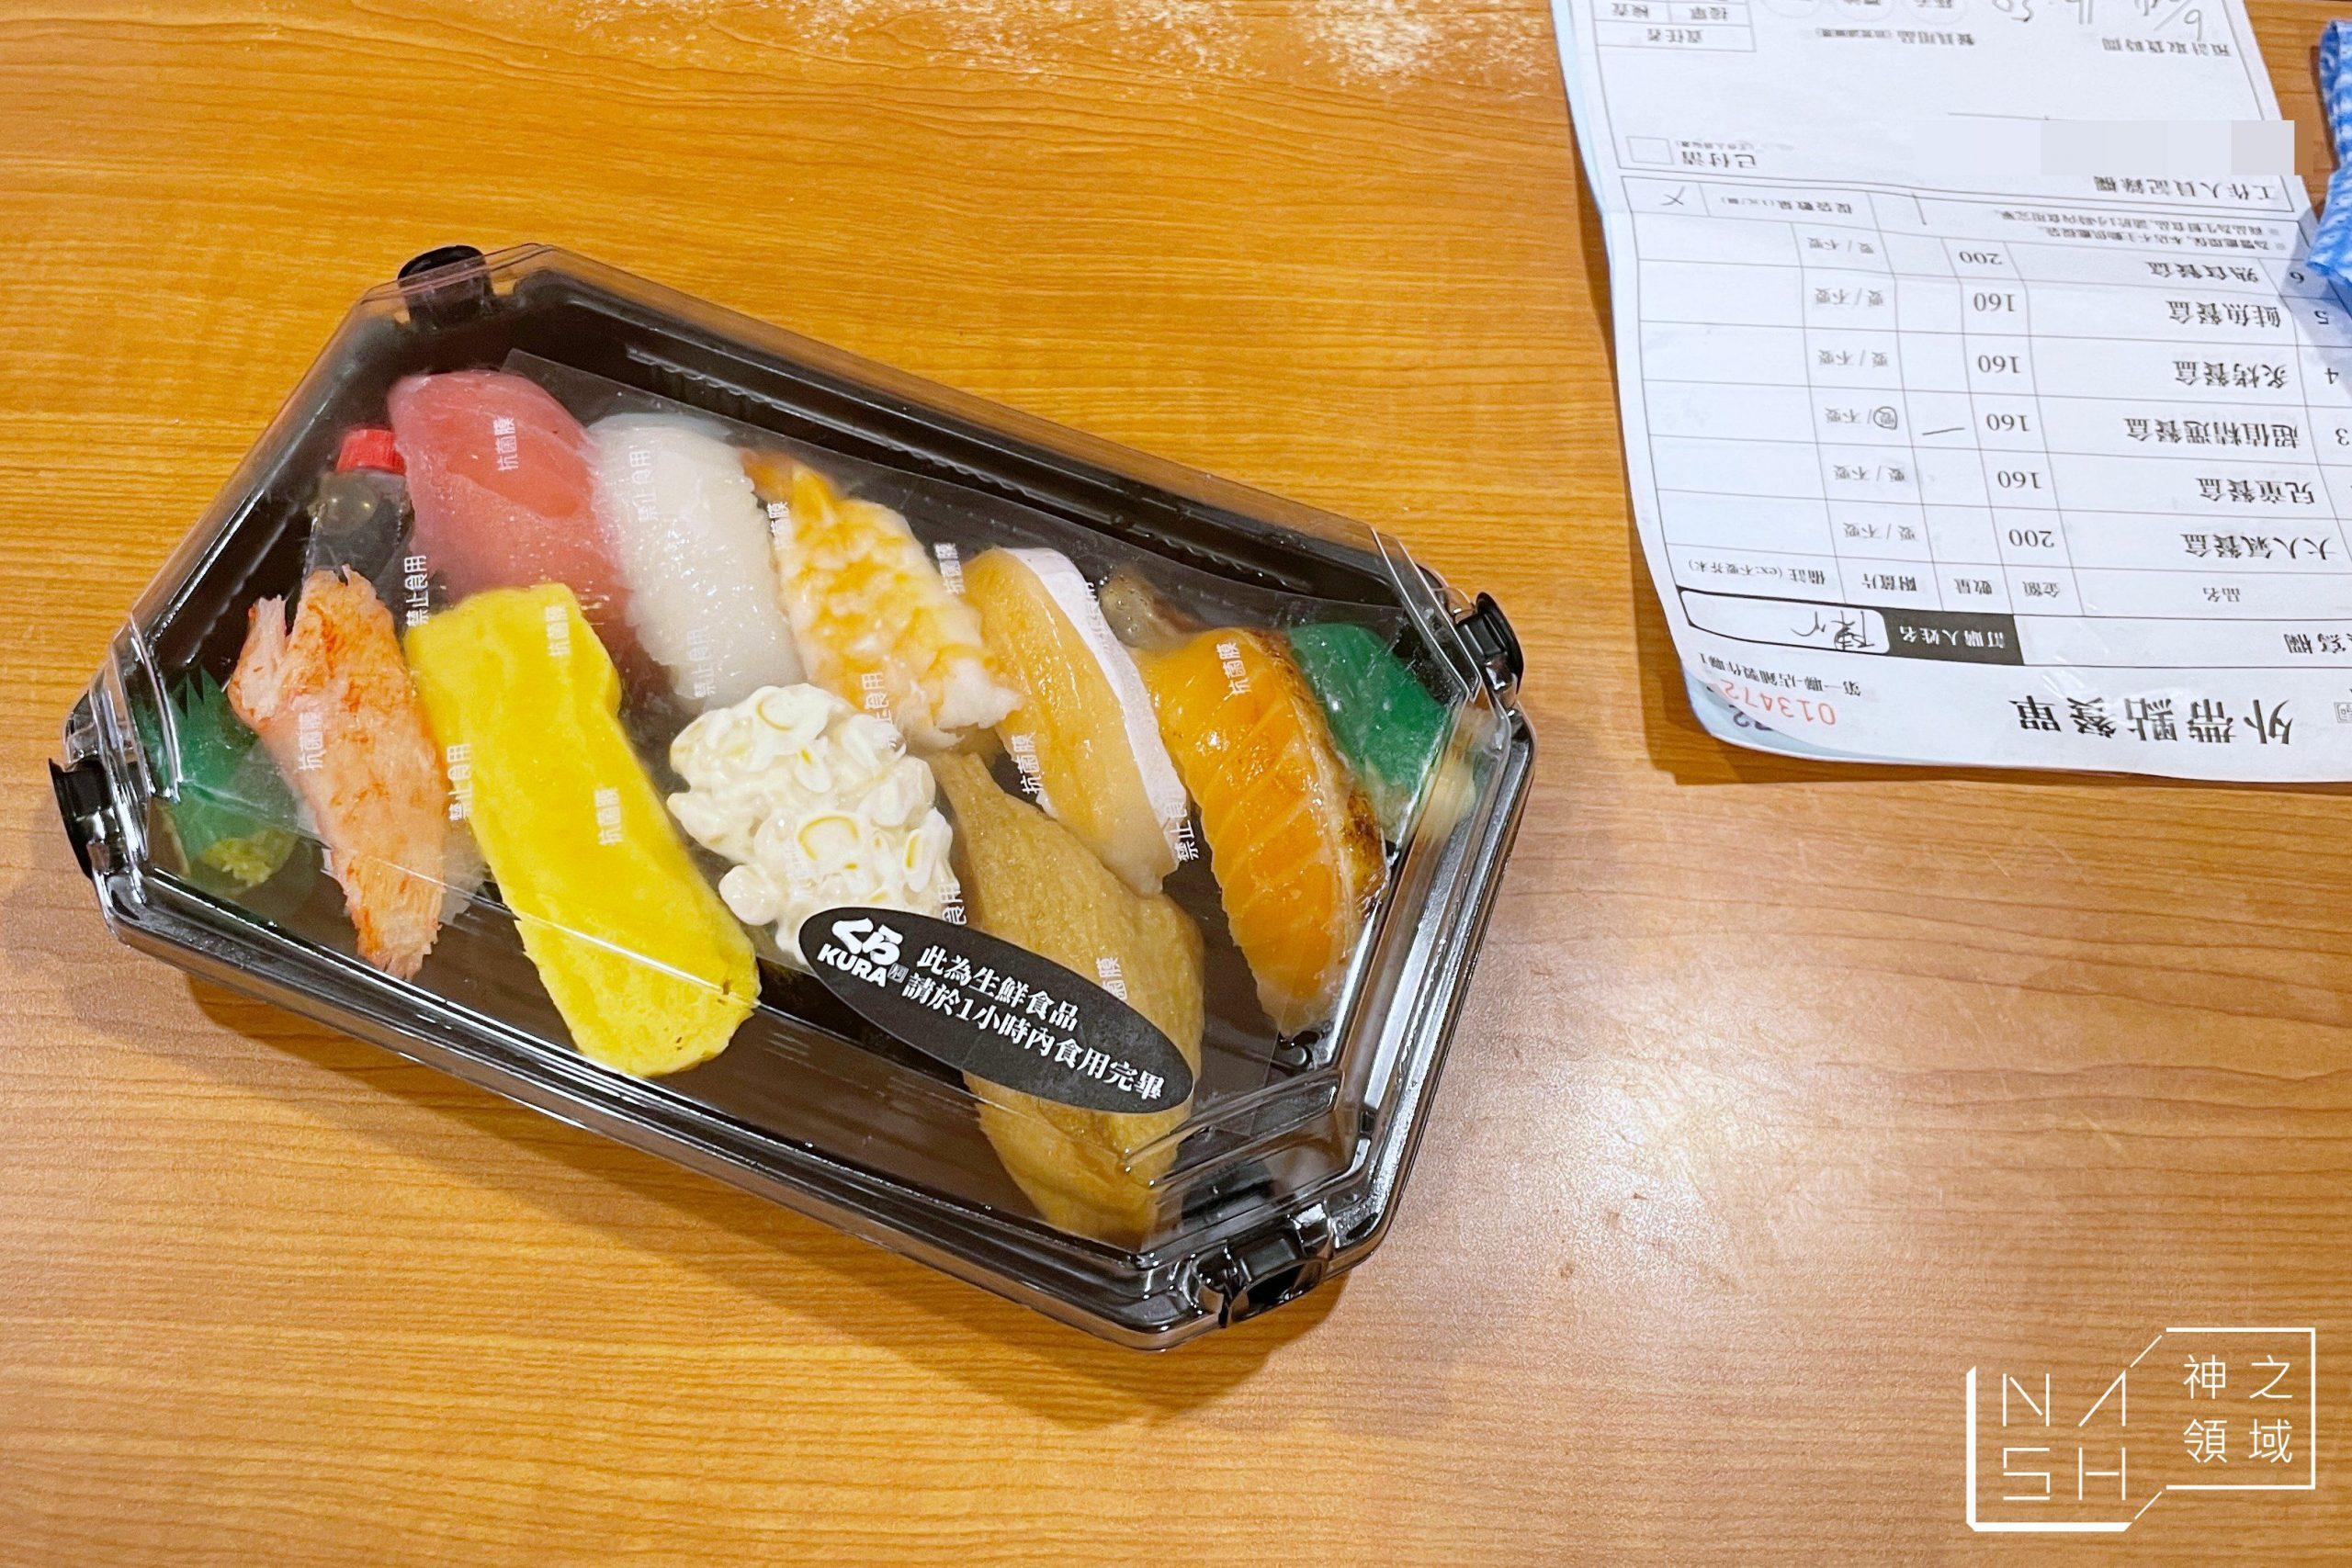 藏壽司,藏壽司外帶餐盒,藏壽司外帶,藏壽司外帶菜單